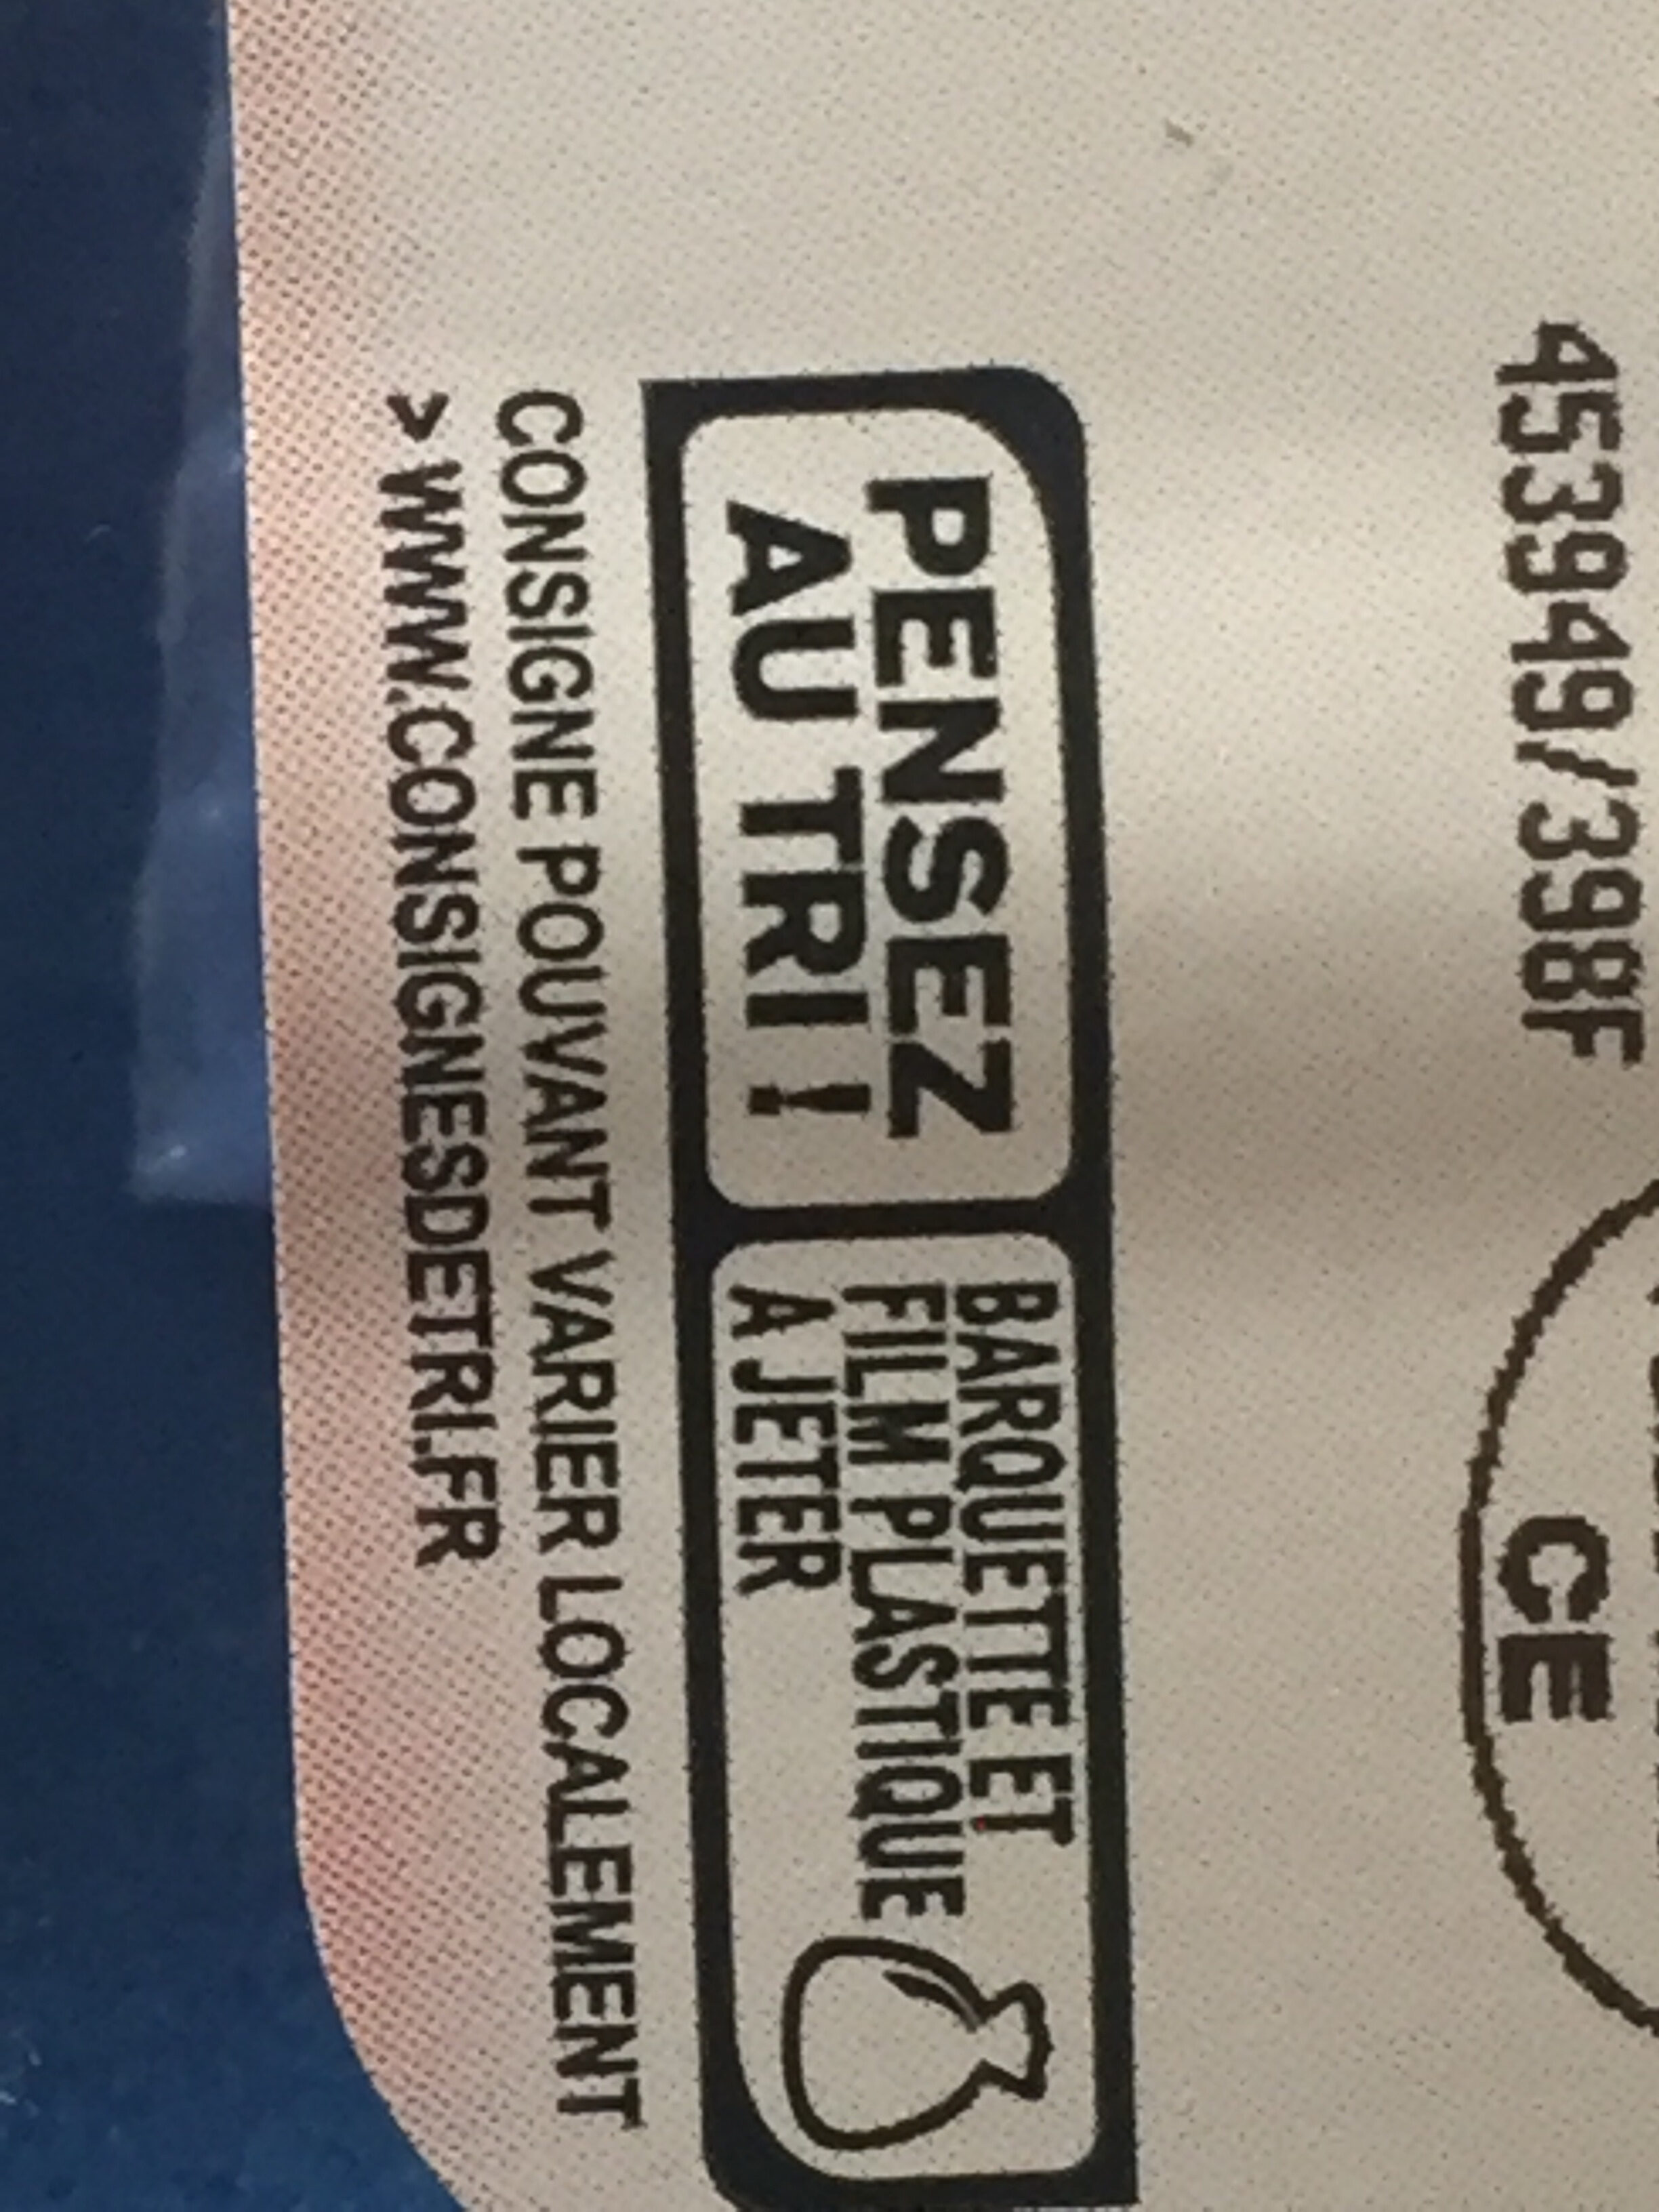 L'Aiguillette de Poulet - Instruction de recyclage et/ou informations d'emballage - fr